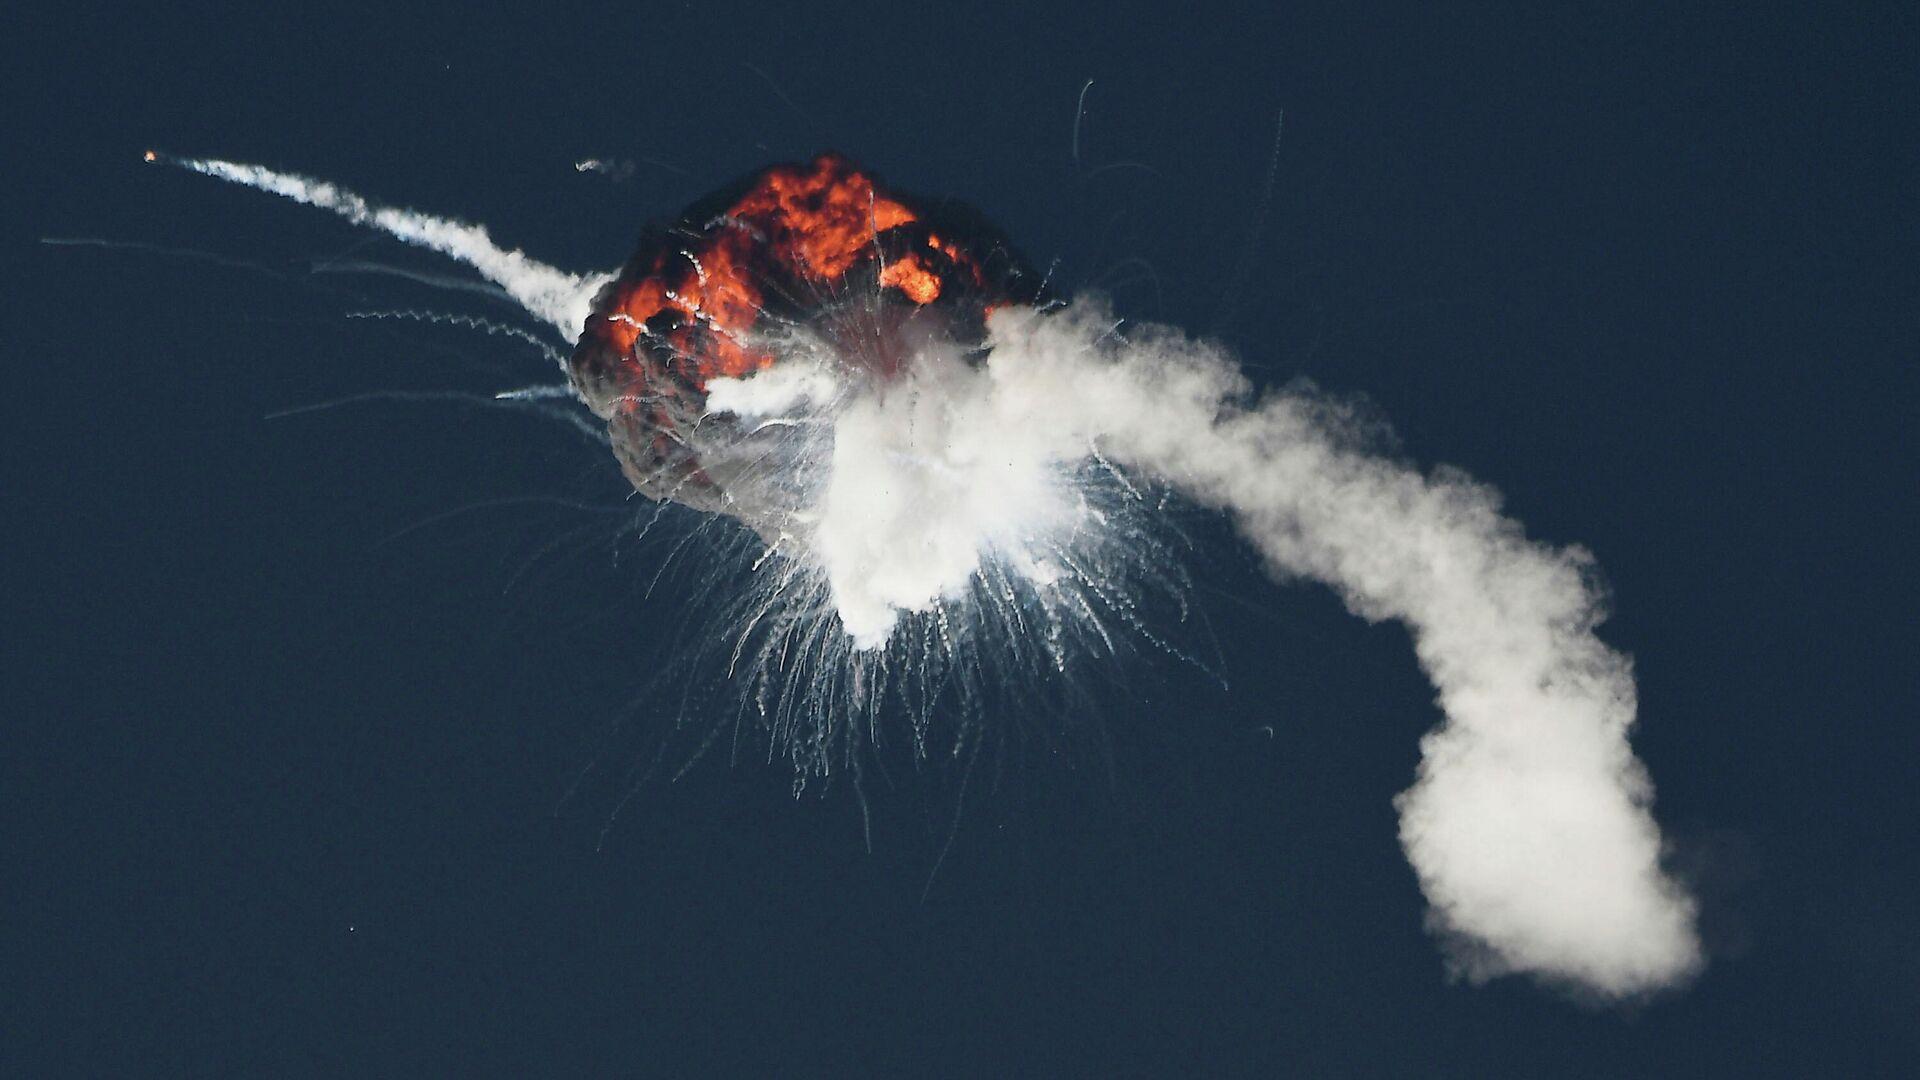 Explosión del cohete espacial Alpha - Sputnik Mundo, 1920, 03.09.2021